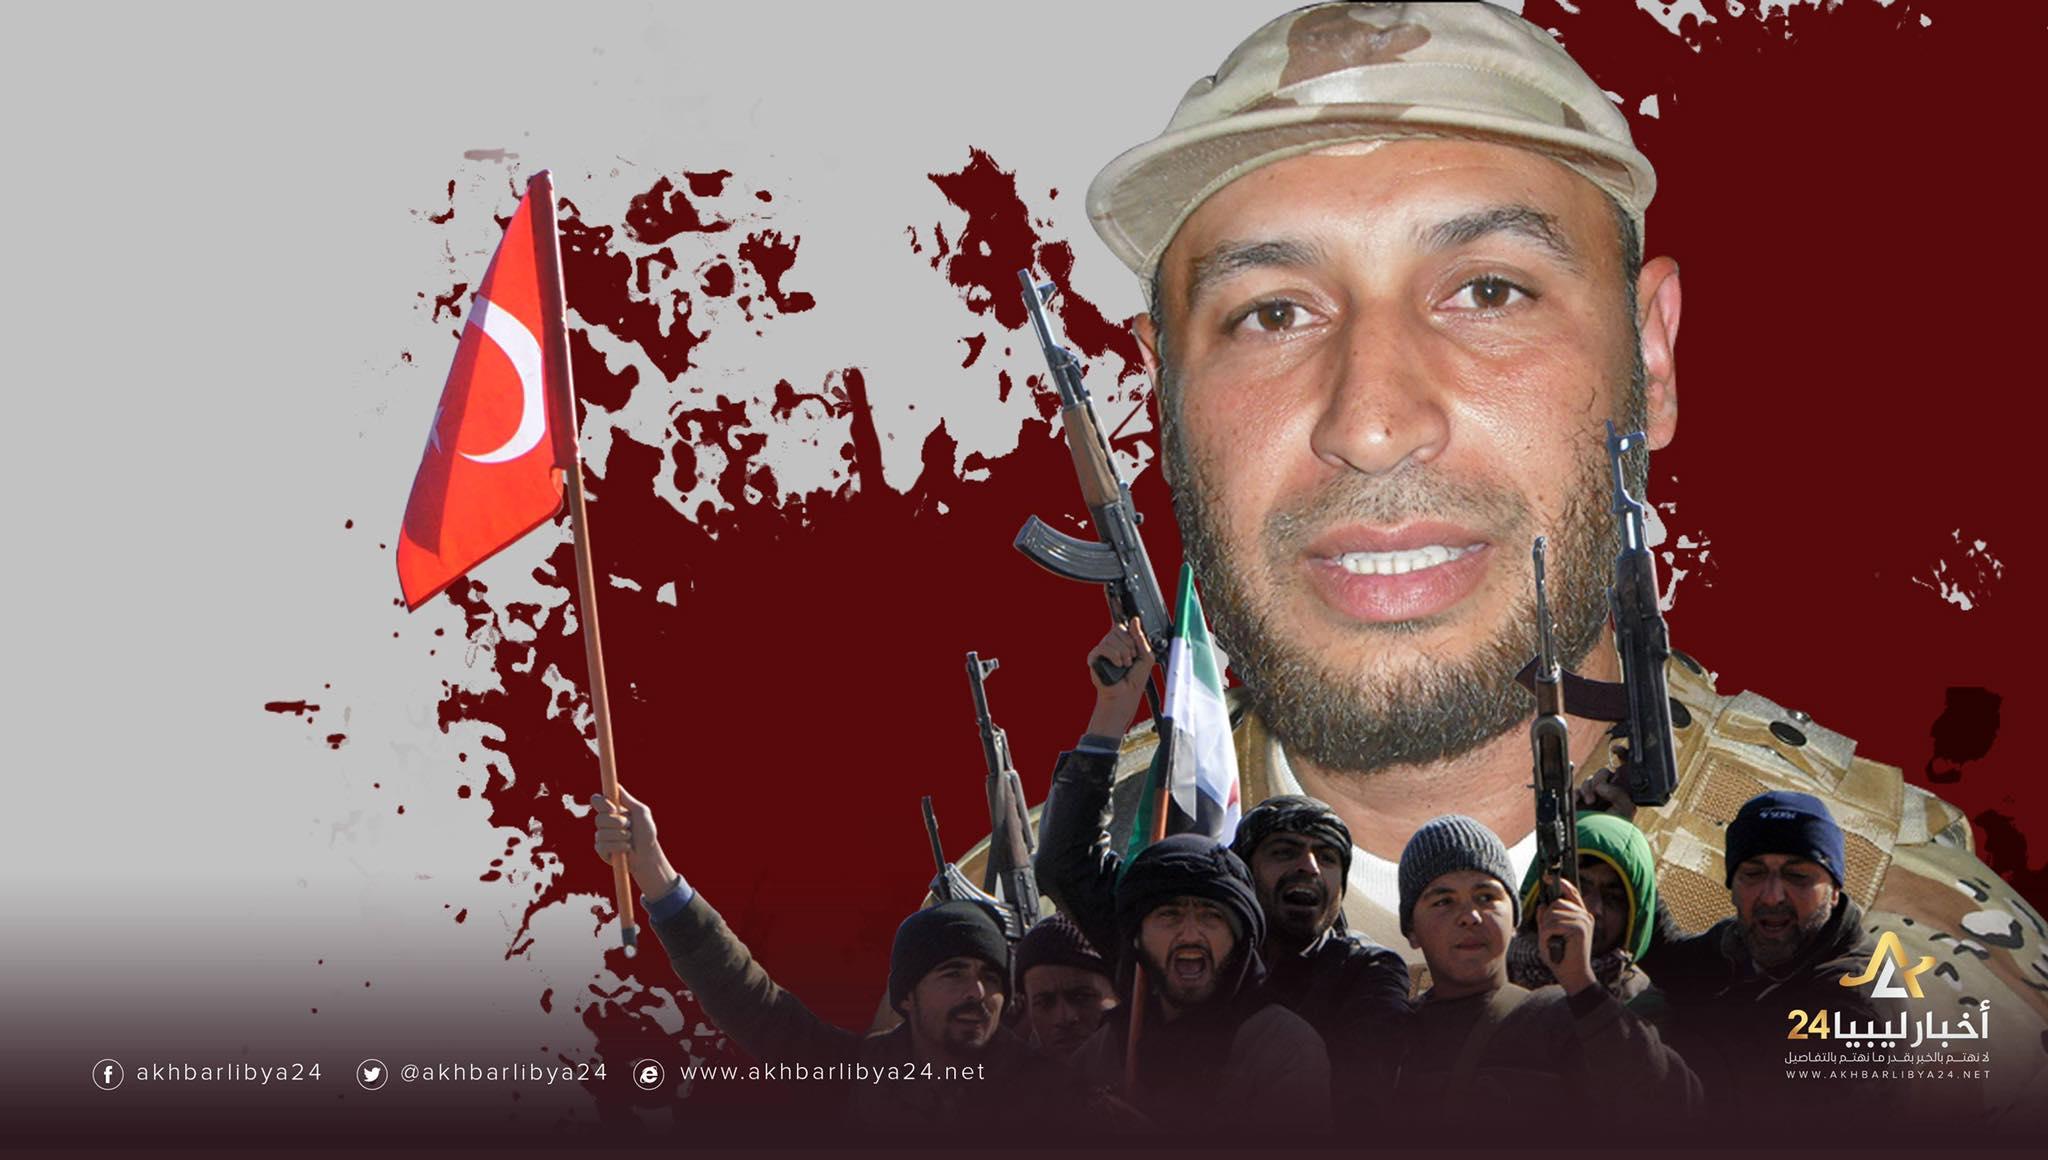 """صورة الإرهابي """"الحاراتي"""" منسق العلاقات بين أردوغان وداعش في ليبيا"""